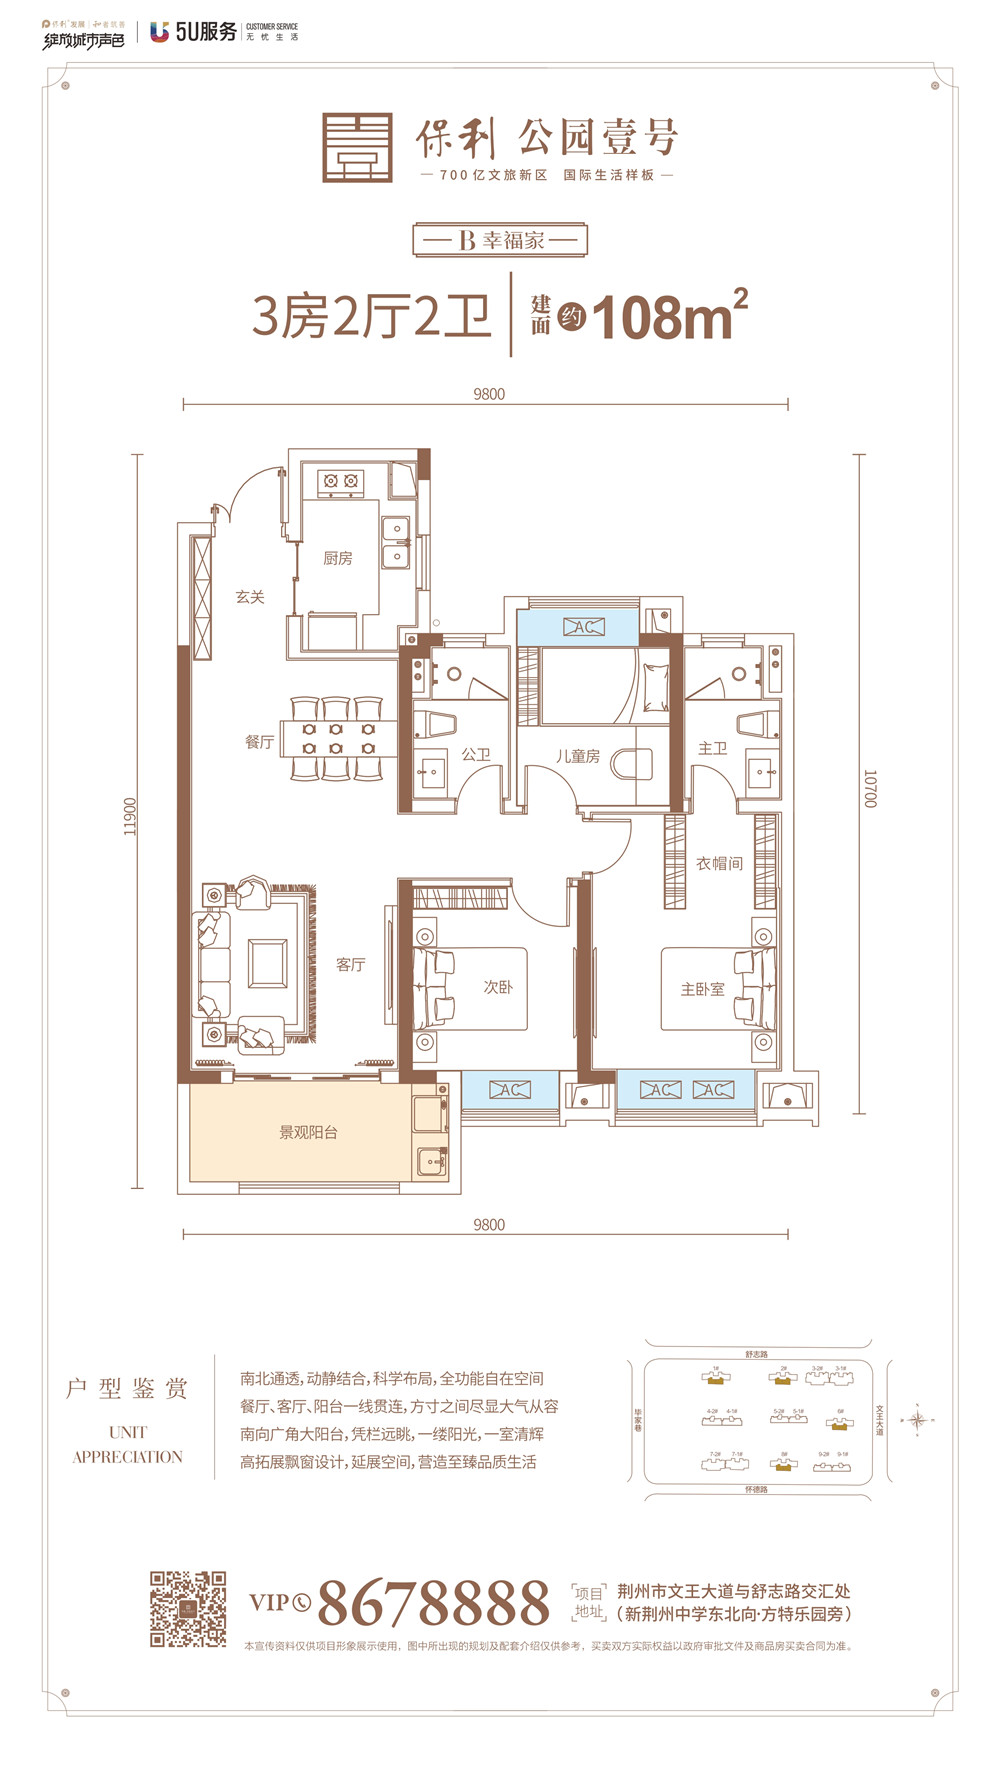 保利公园壹号B户型-2室2厅户型图